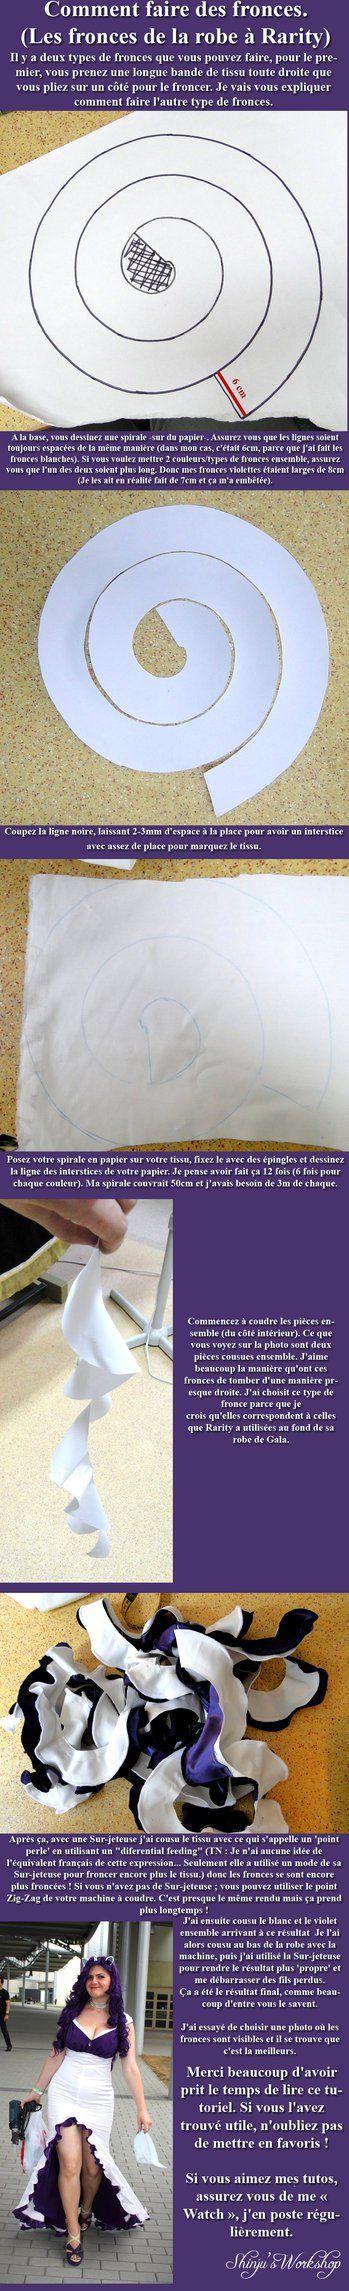 Comment faire des fronces (de la robe de Rarity) by ShinjusWorkshop on deviantART | followpics.co